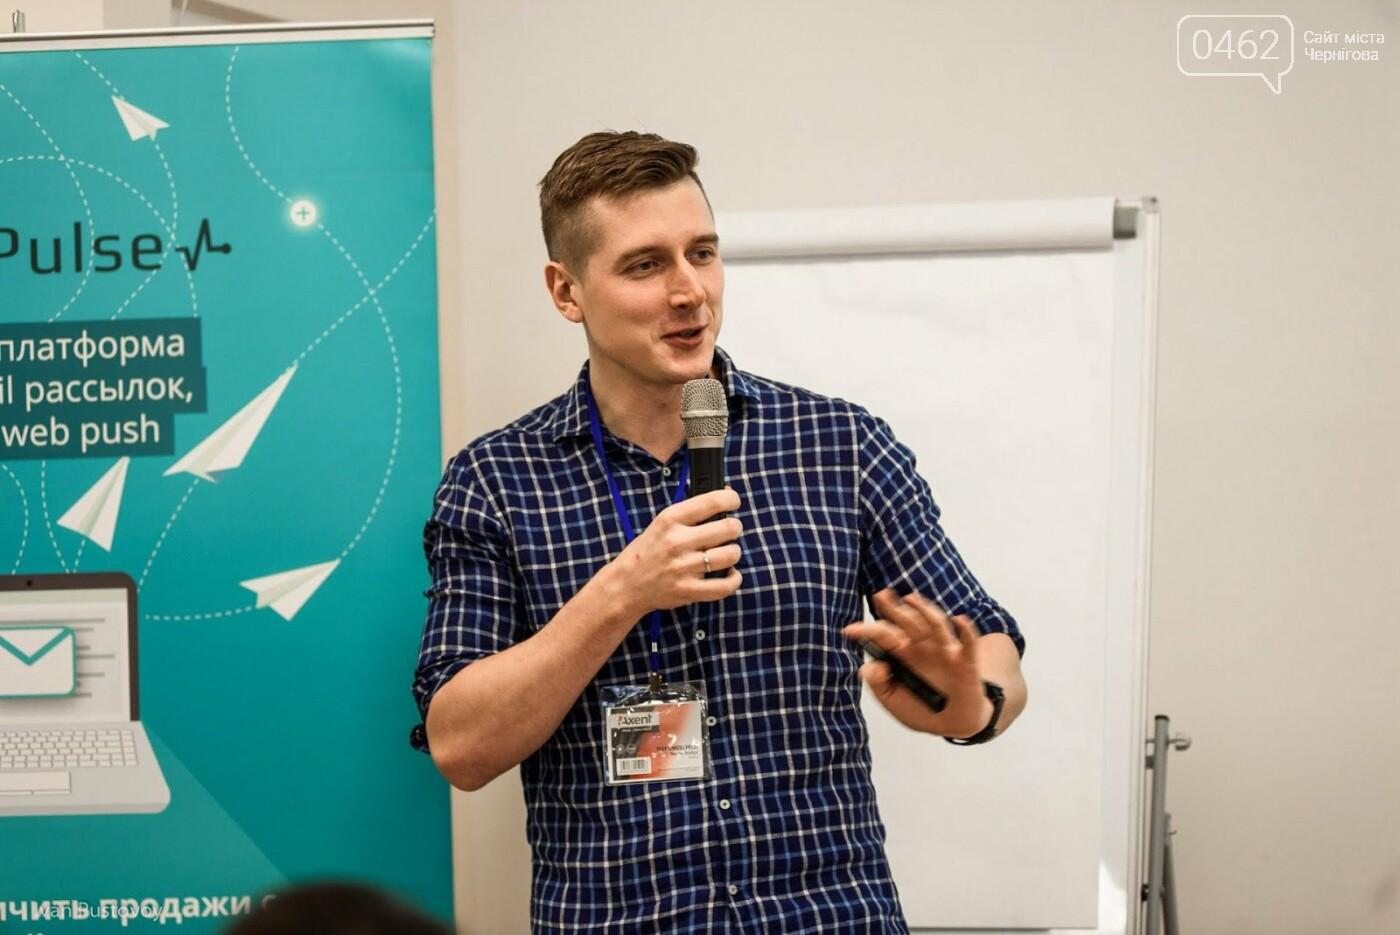 Первая конференция SendPulse по контент-маркетингу и копирайтингу — как это было?, фото-9